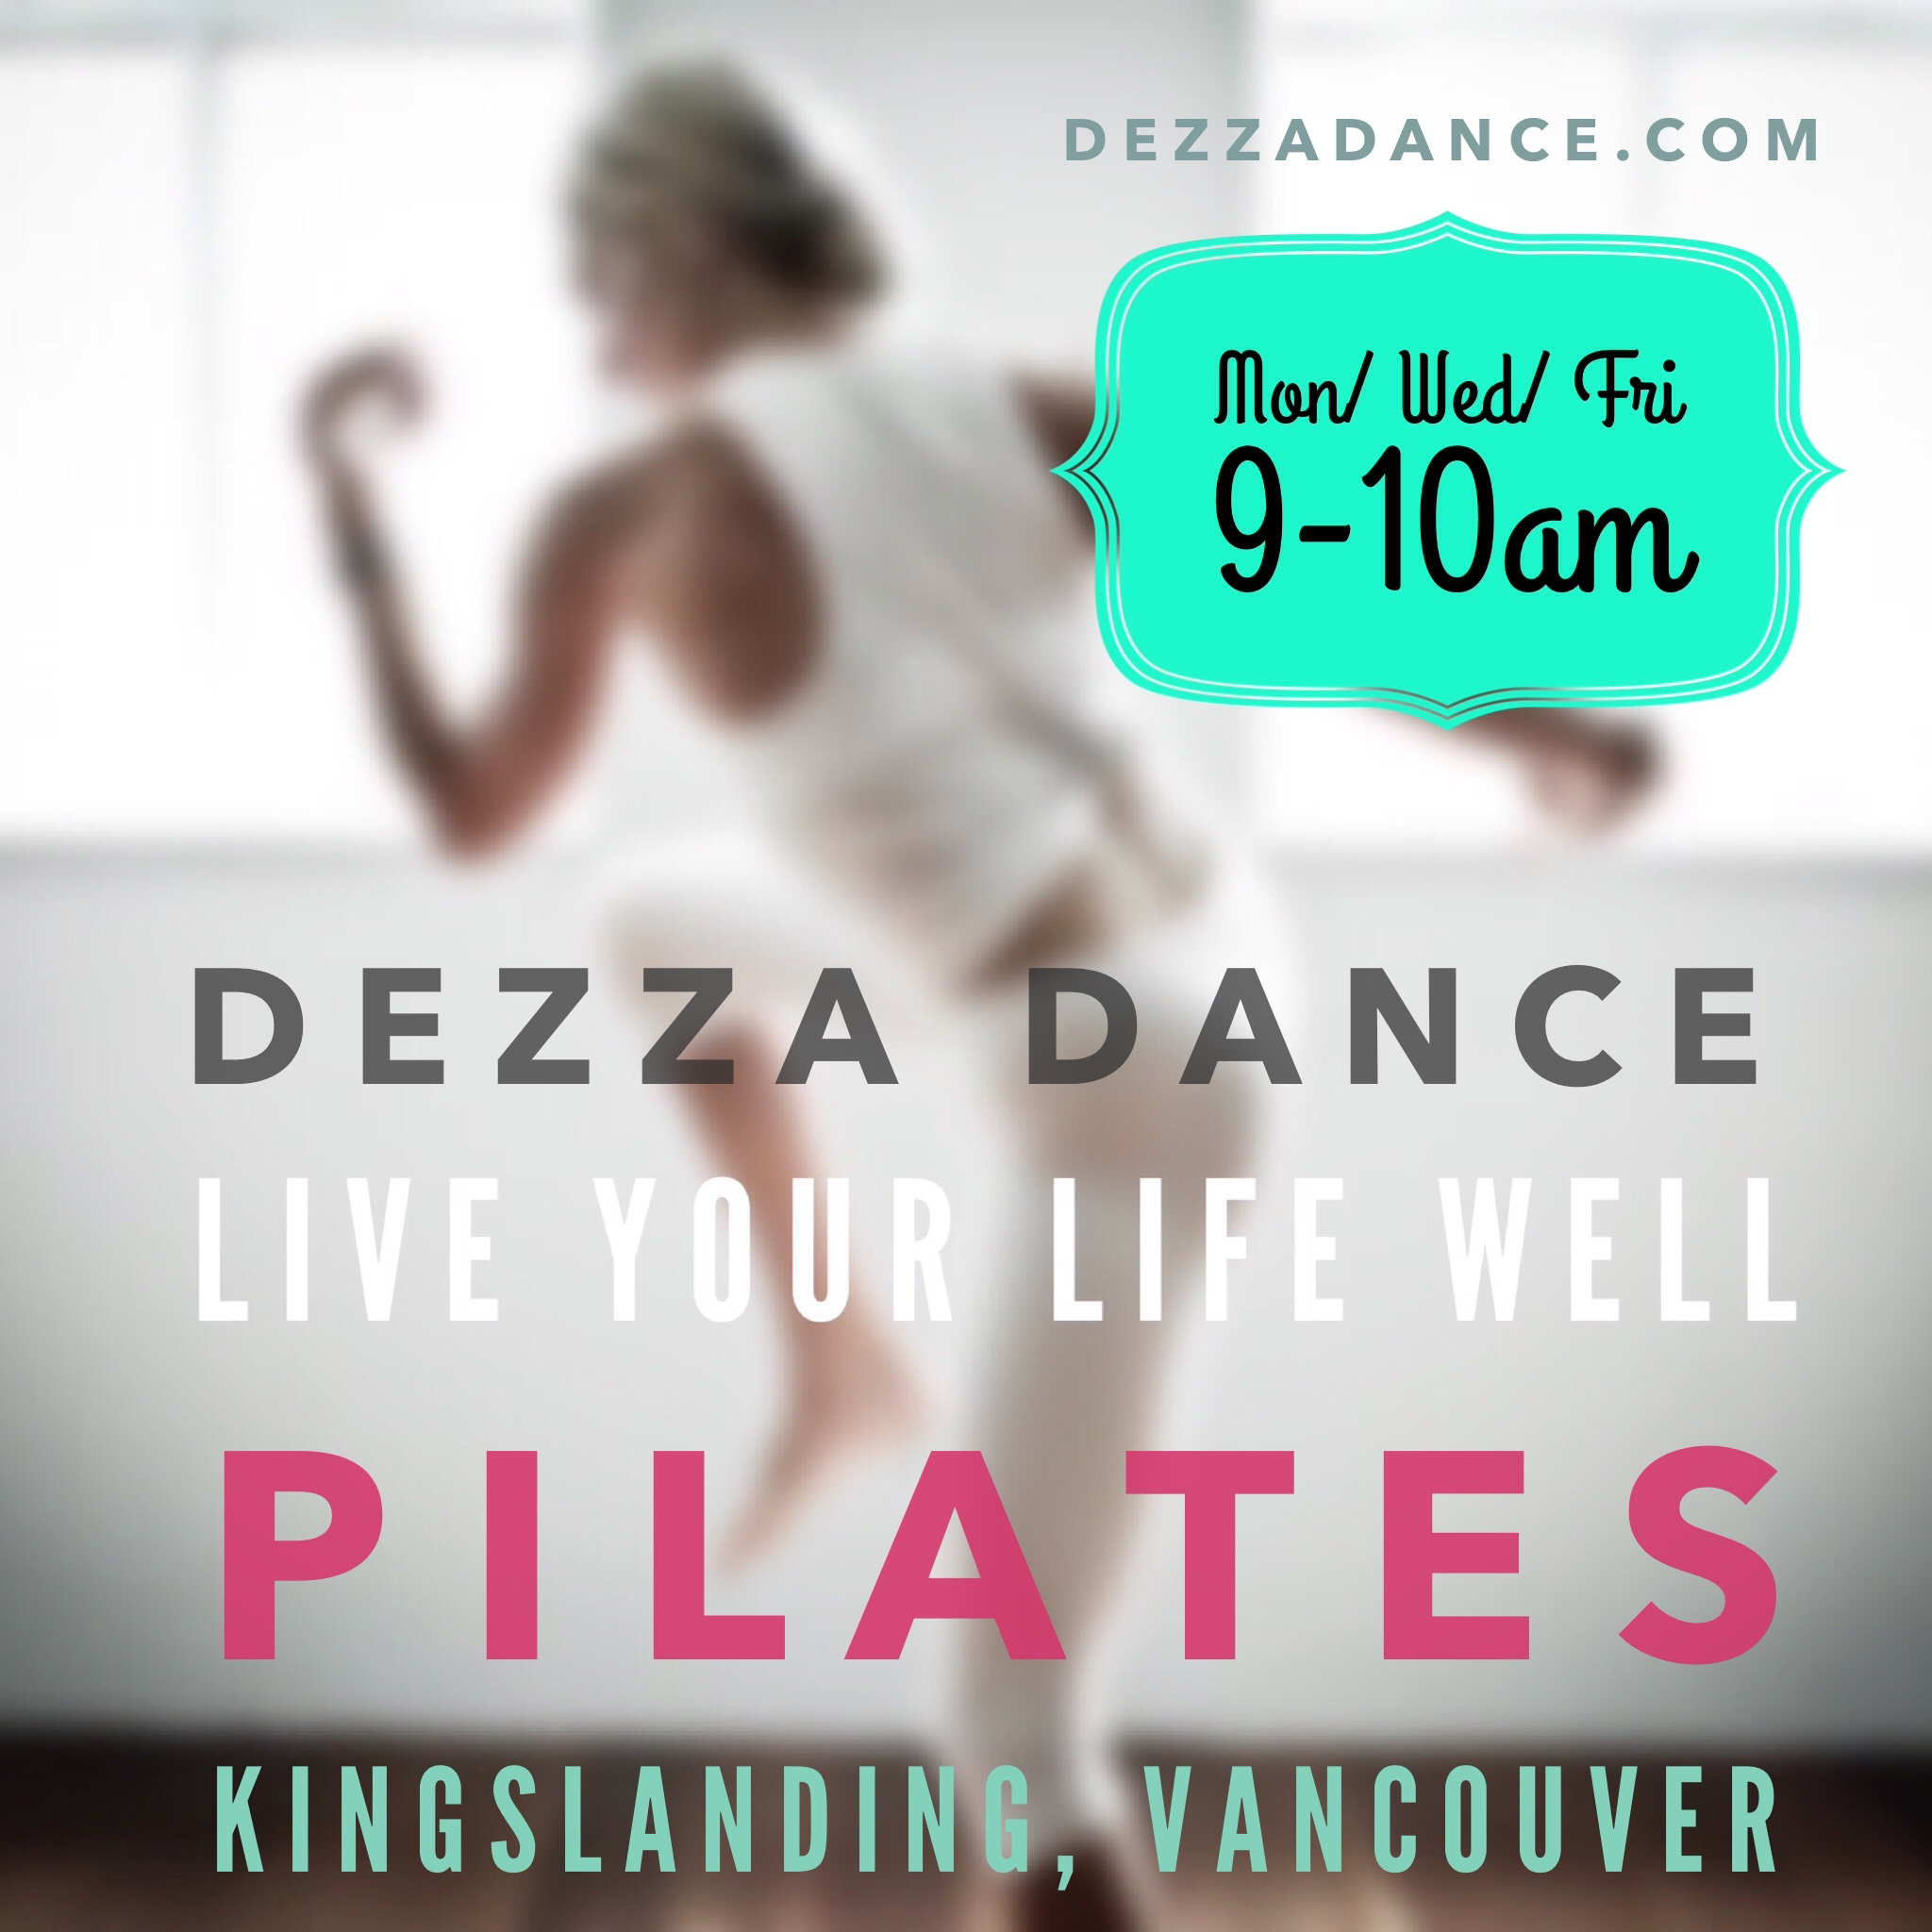 dezza-dance